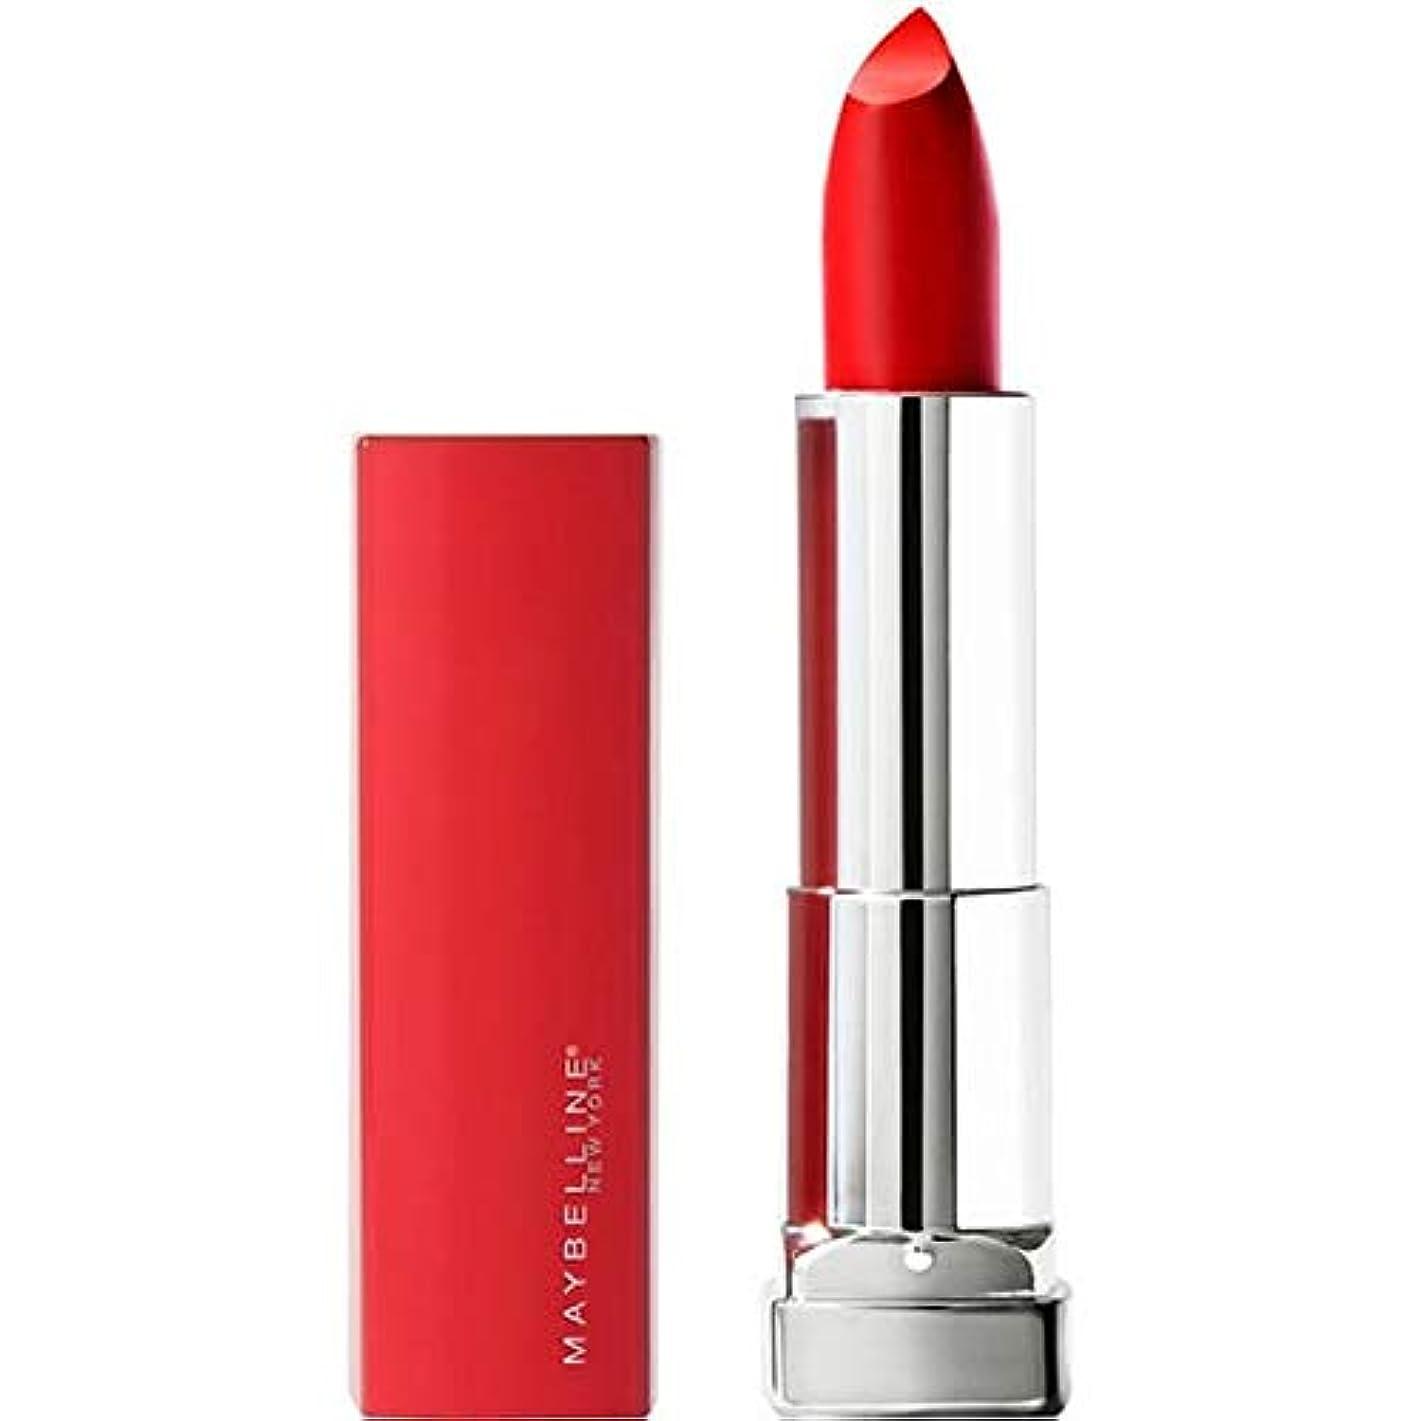 漏斗揮発性無意識[Maybelline ] メイベリンの色はセンセーショナルな私のためにすべての382の赤のために作られました - Maybelline Color Sensational Made For All 382 Red For Me [並行輸入品]